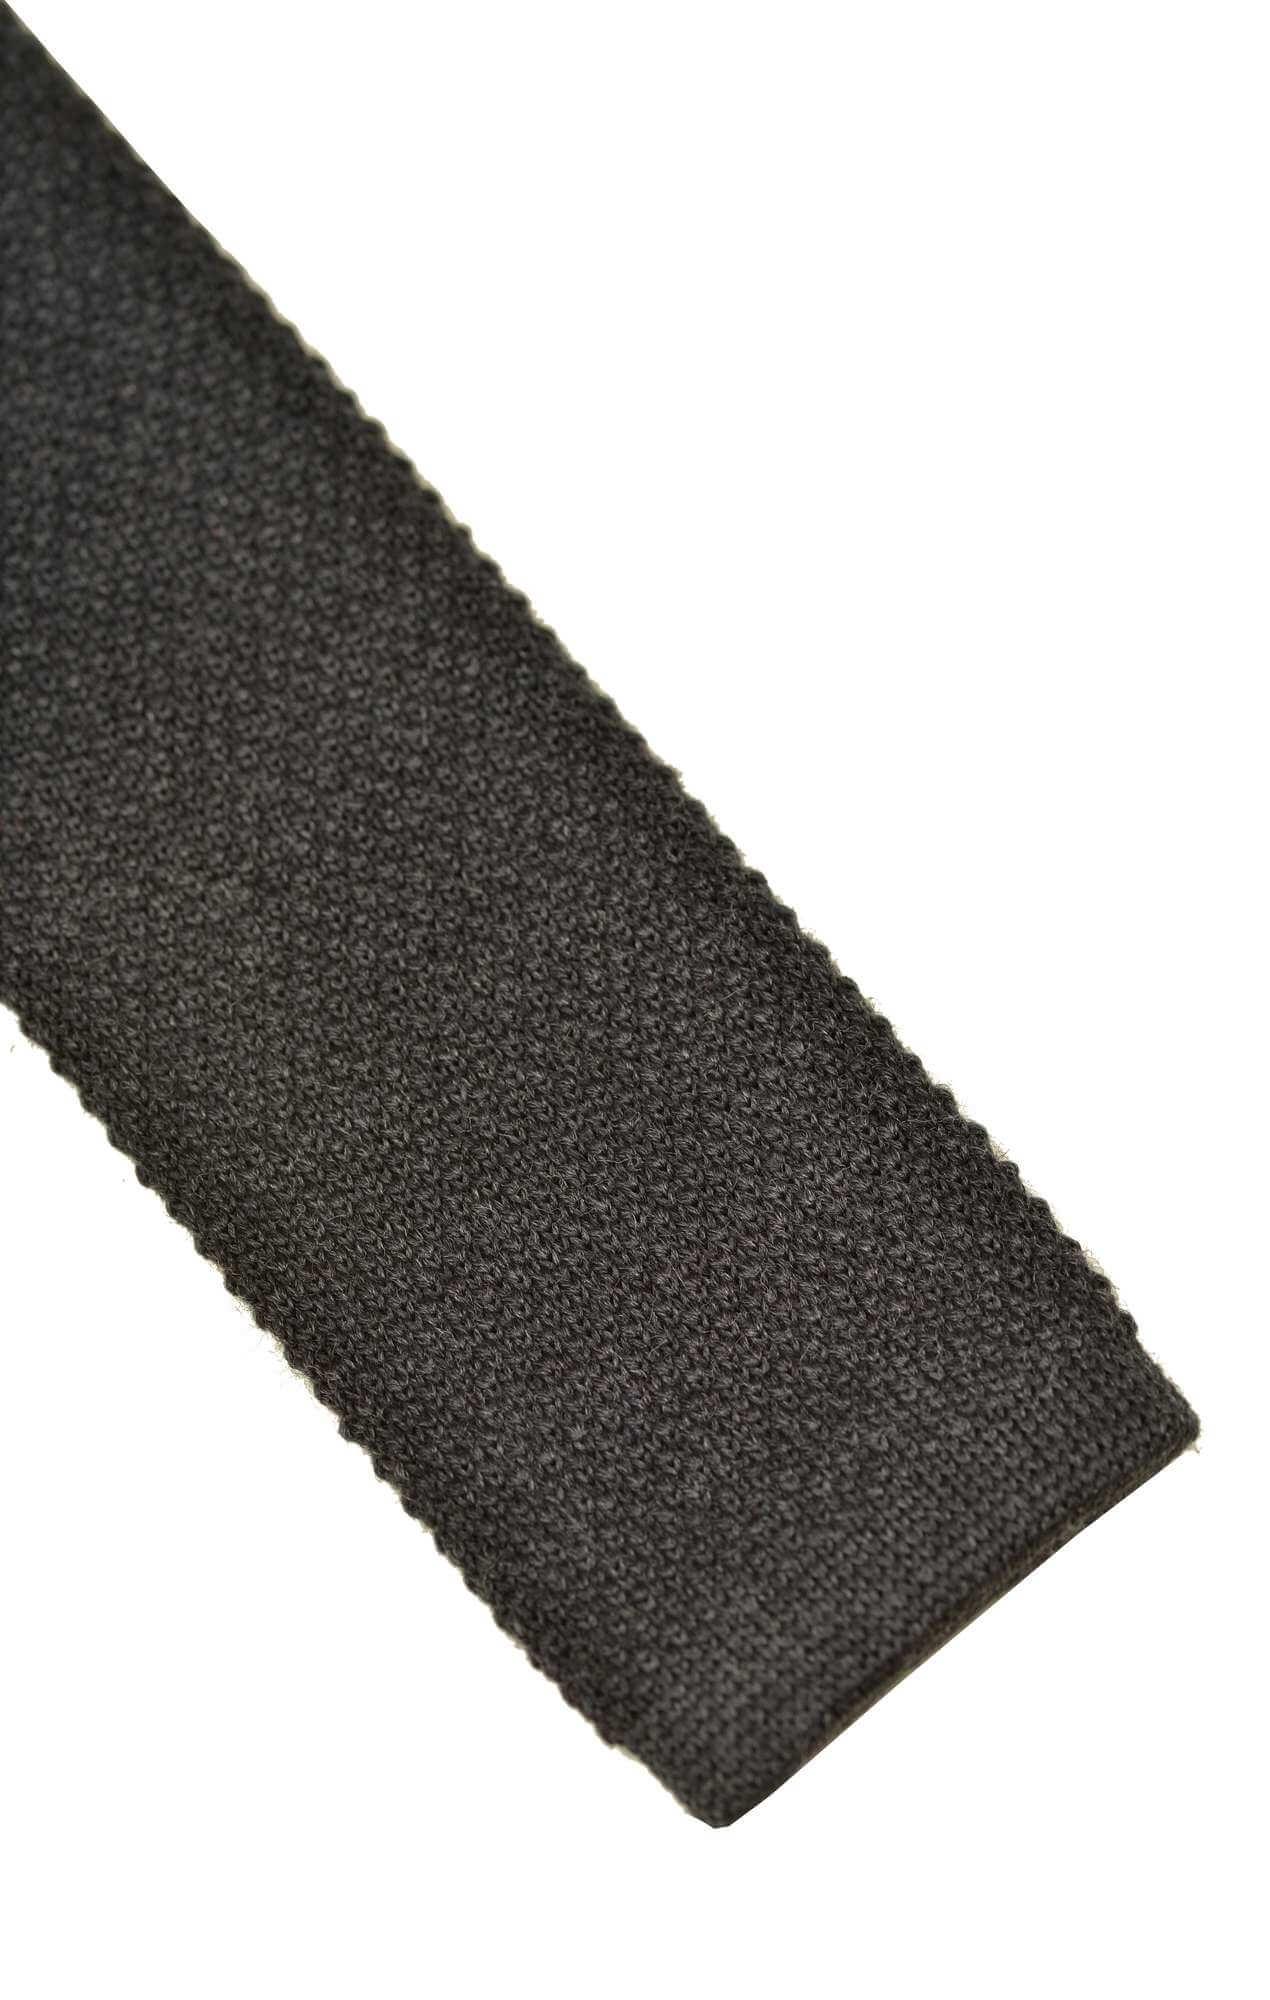 Cravate Austen tricot gris Home